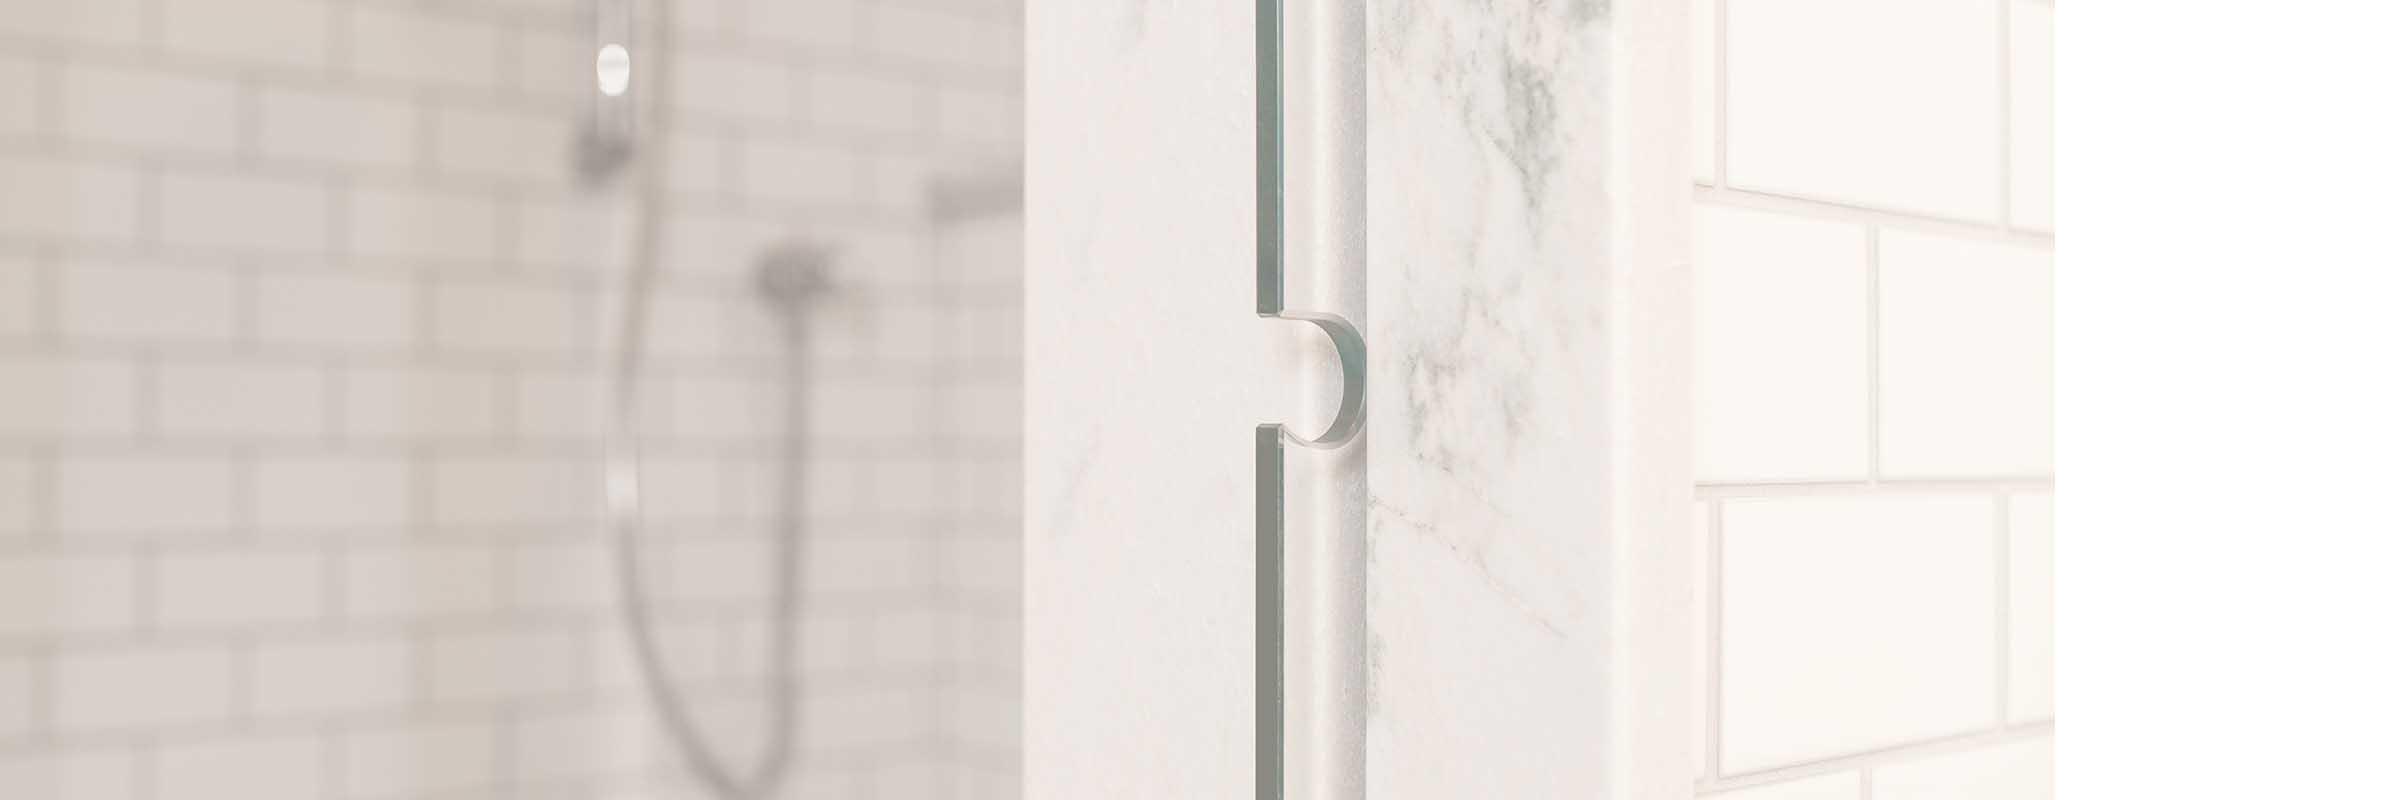 AirPocket Door -